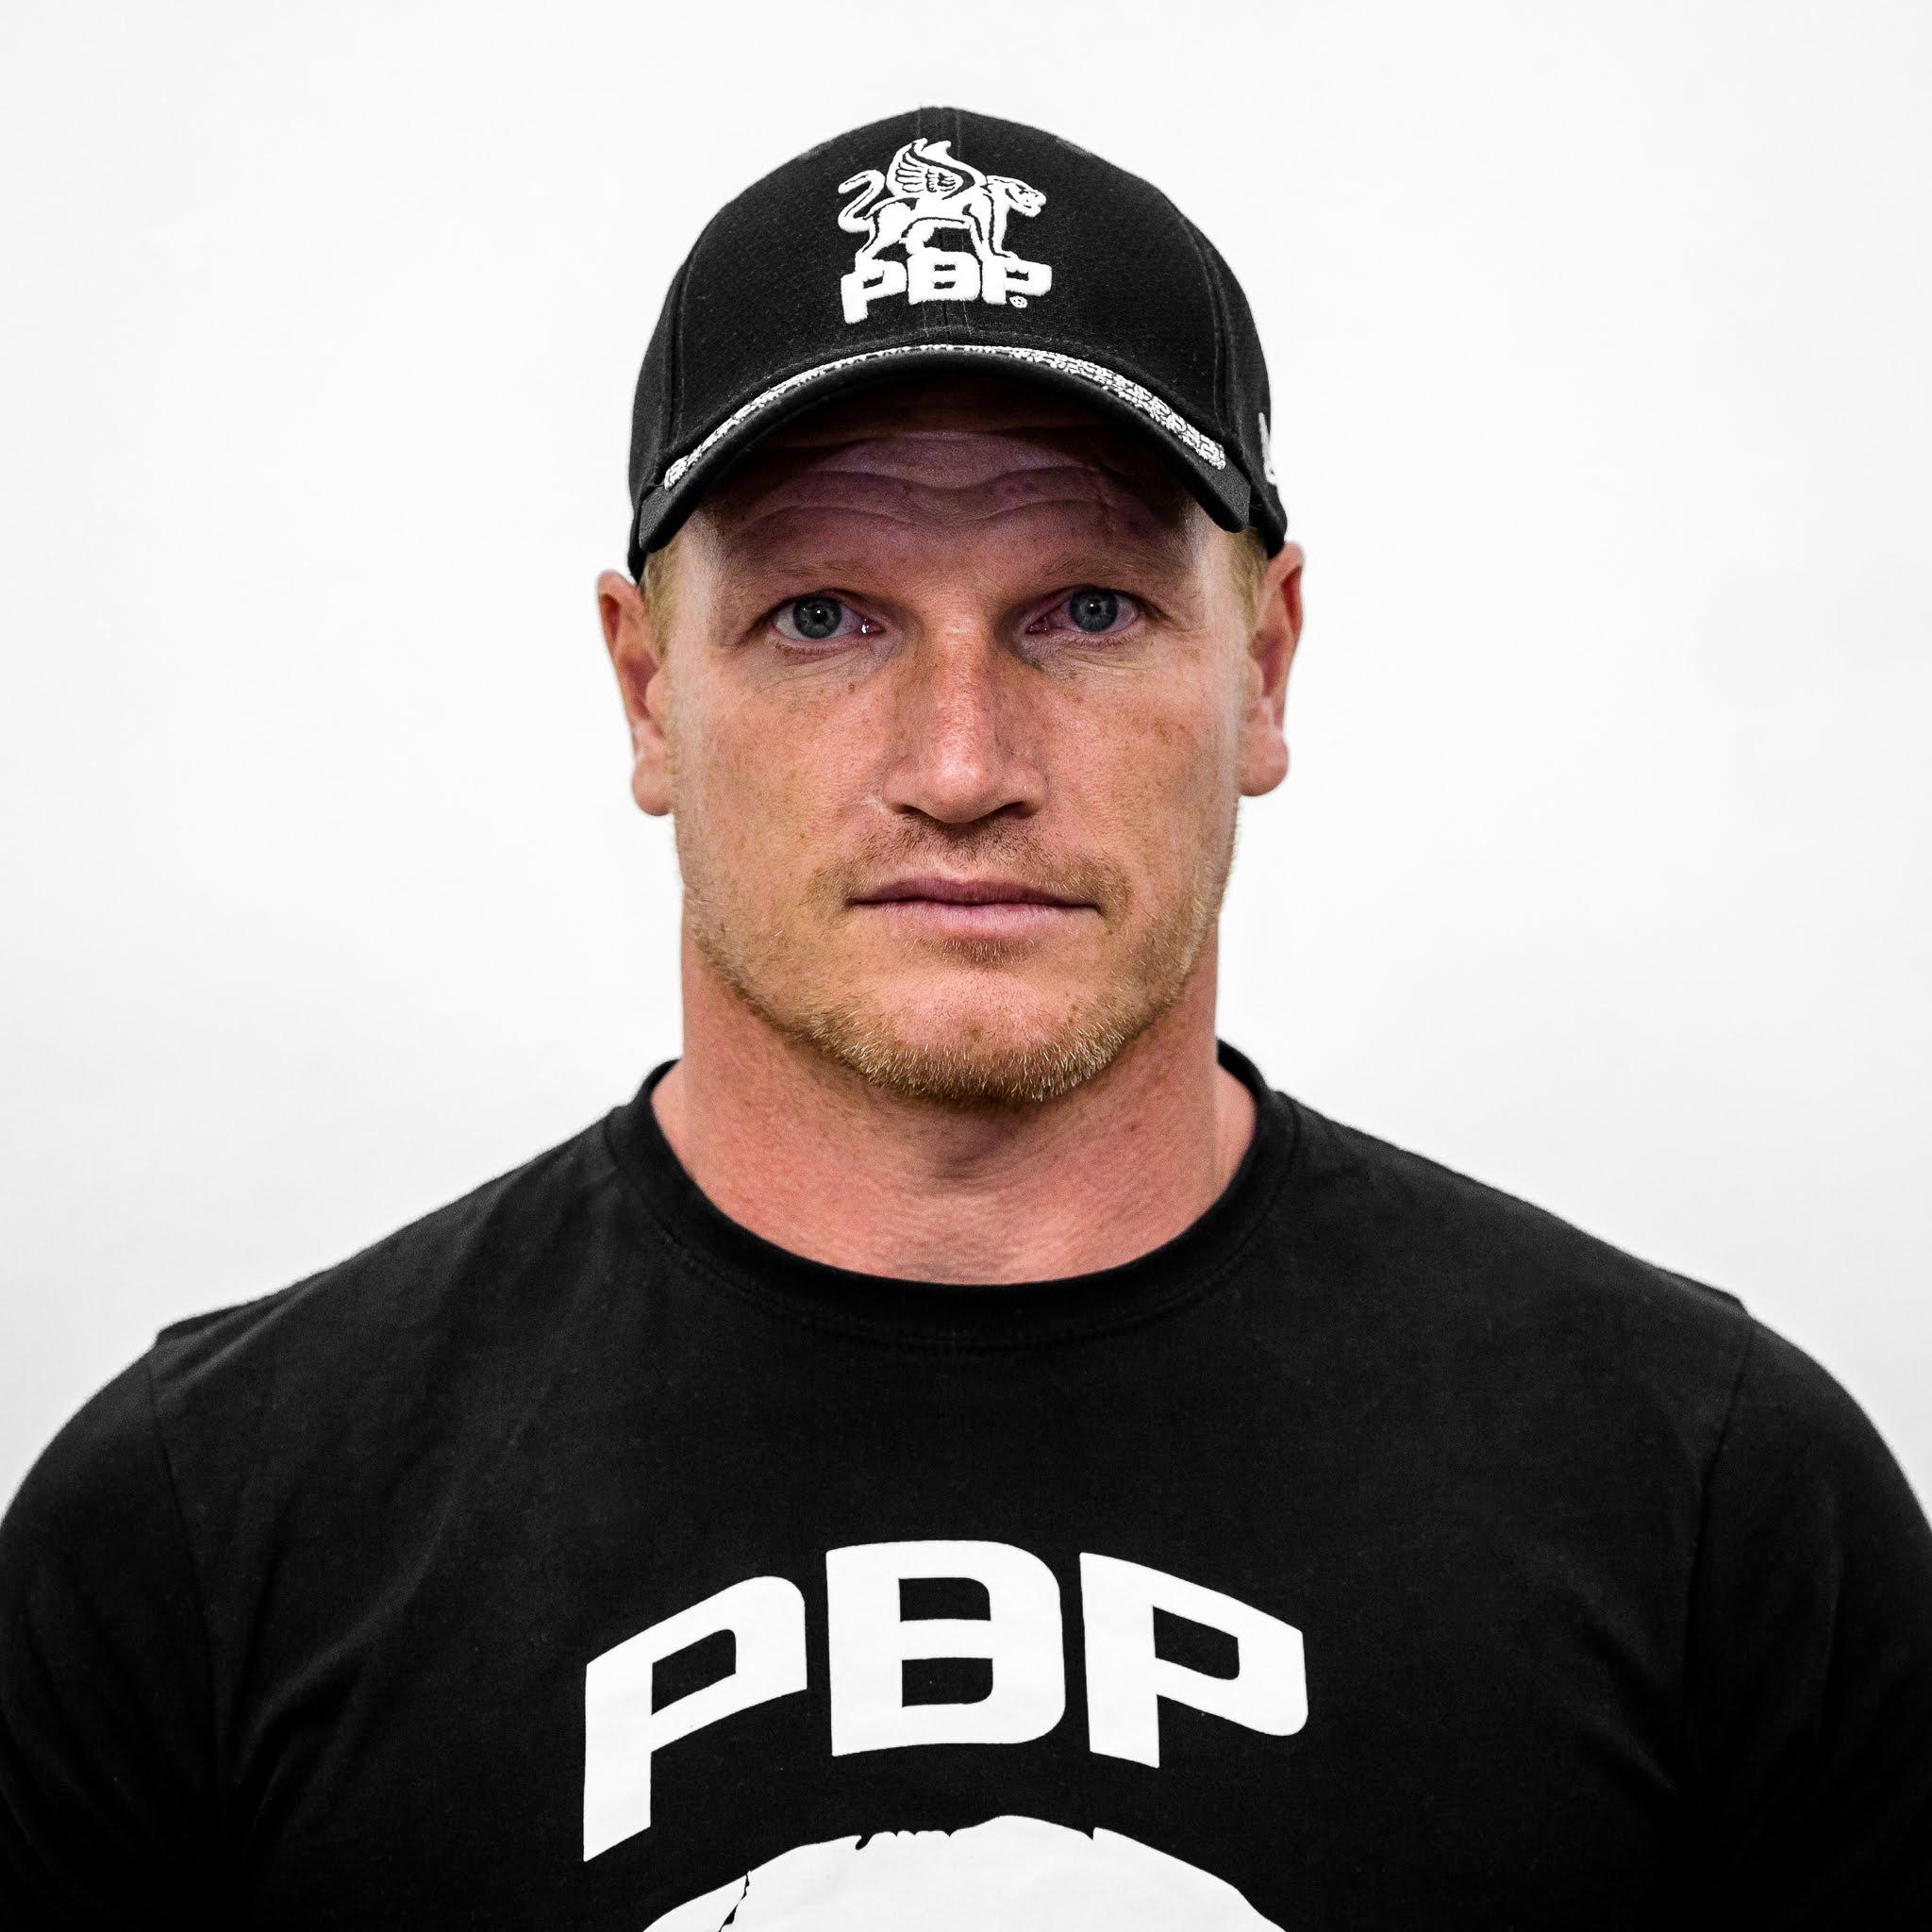 Daniel Krejbich / LB Coach -